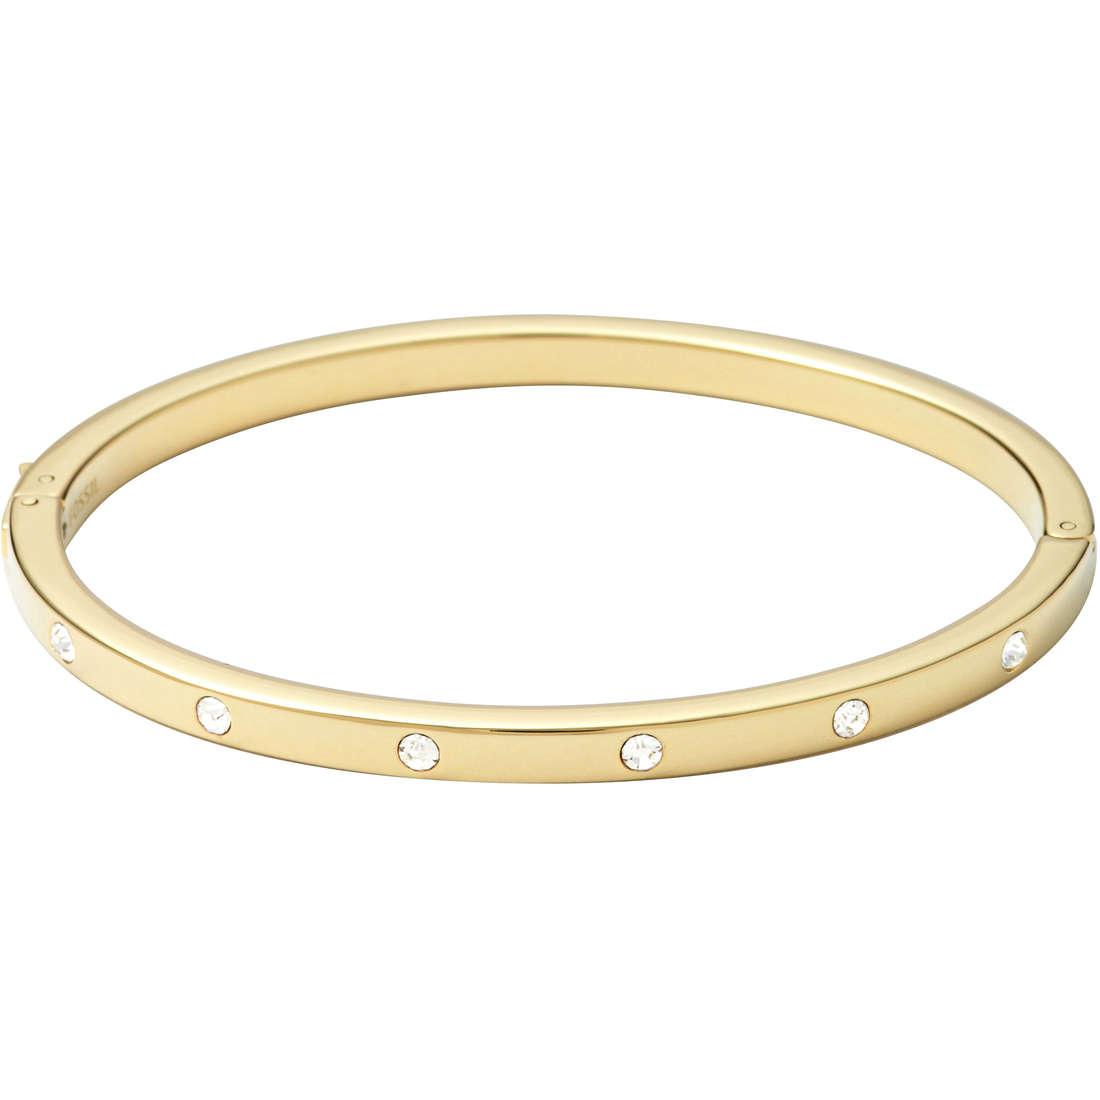 bracelet woman jewellery Fossil Fall 2013 JF00842710